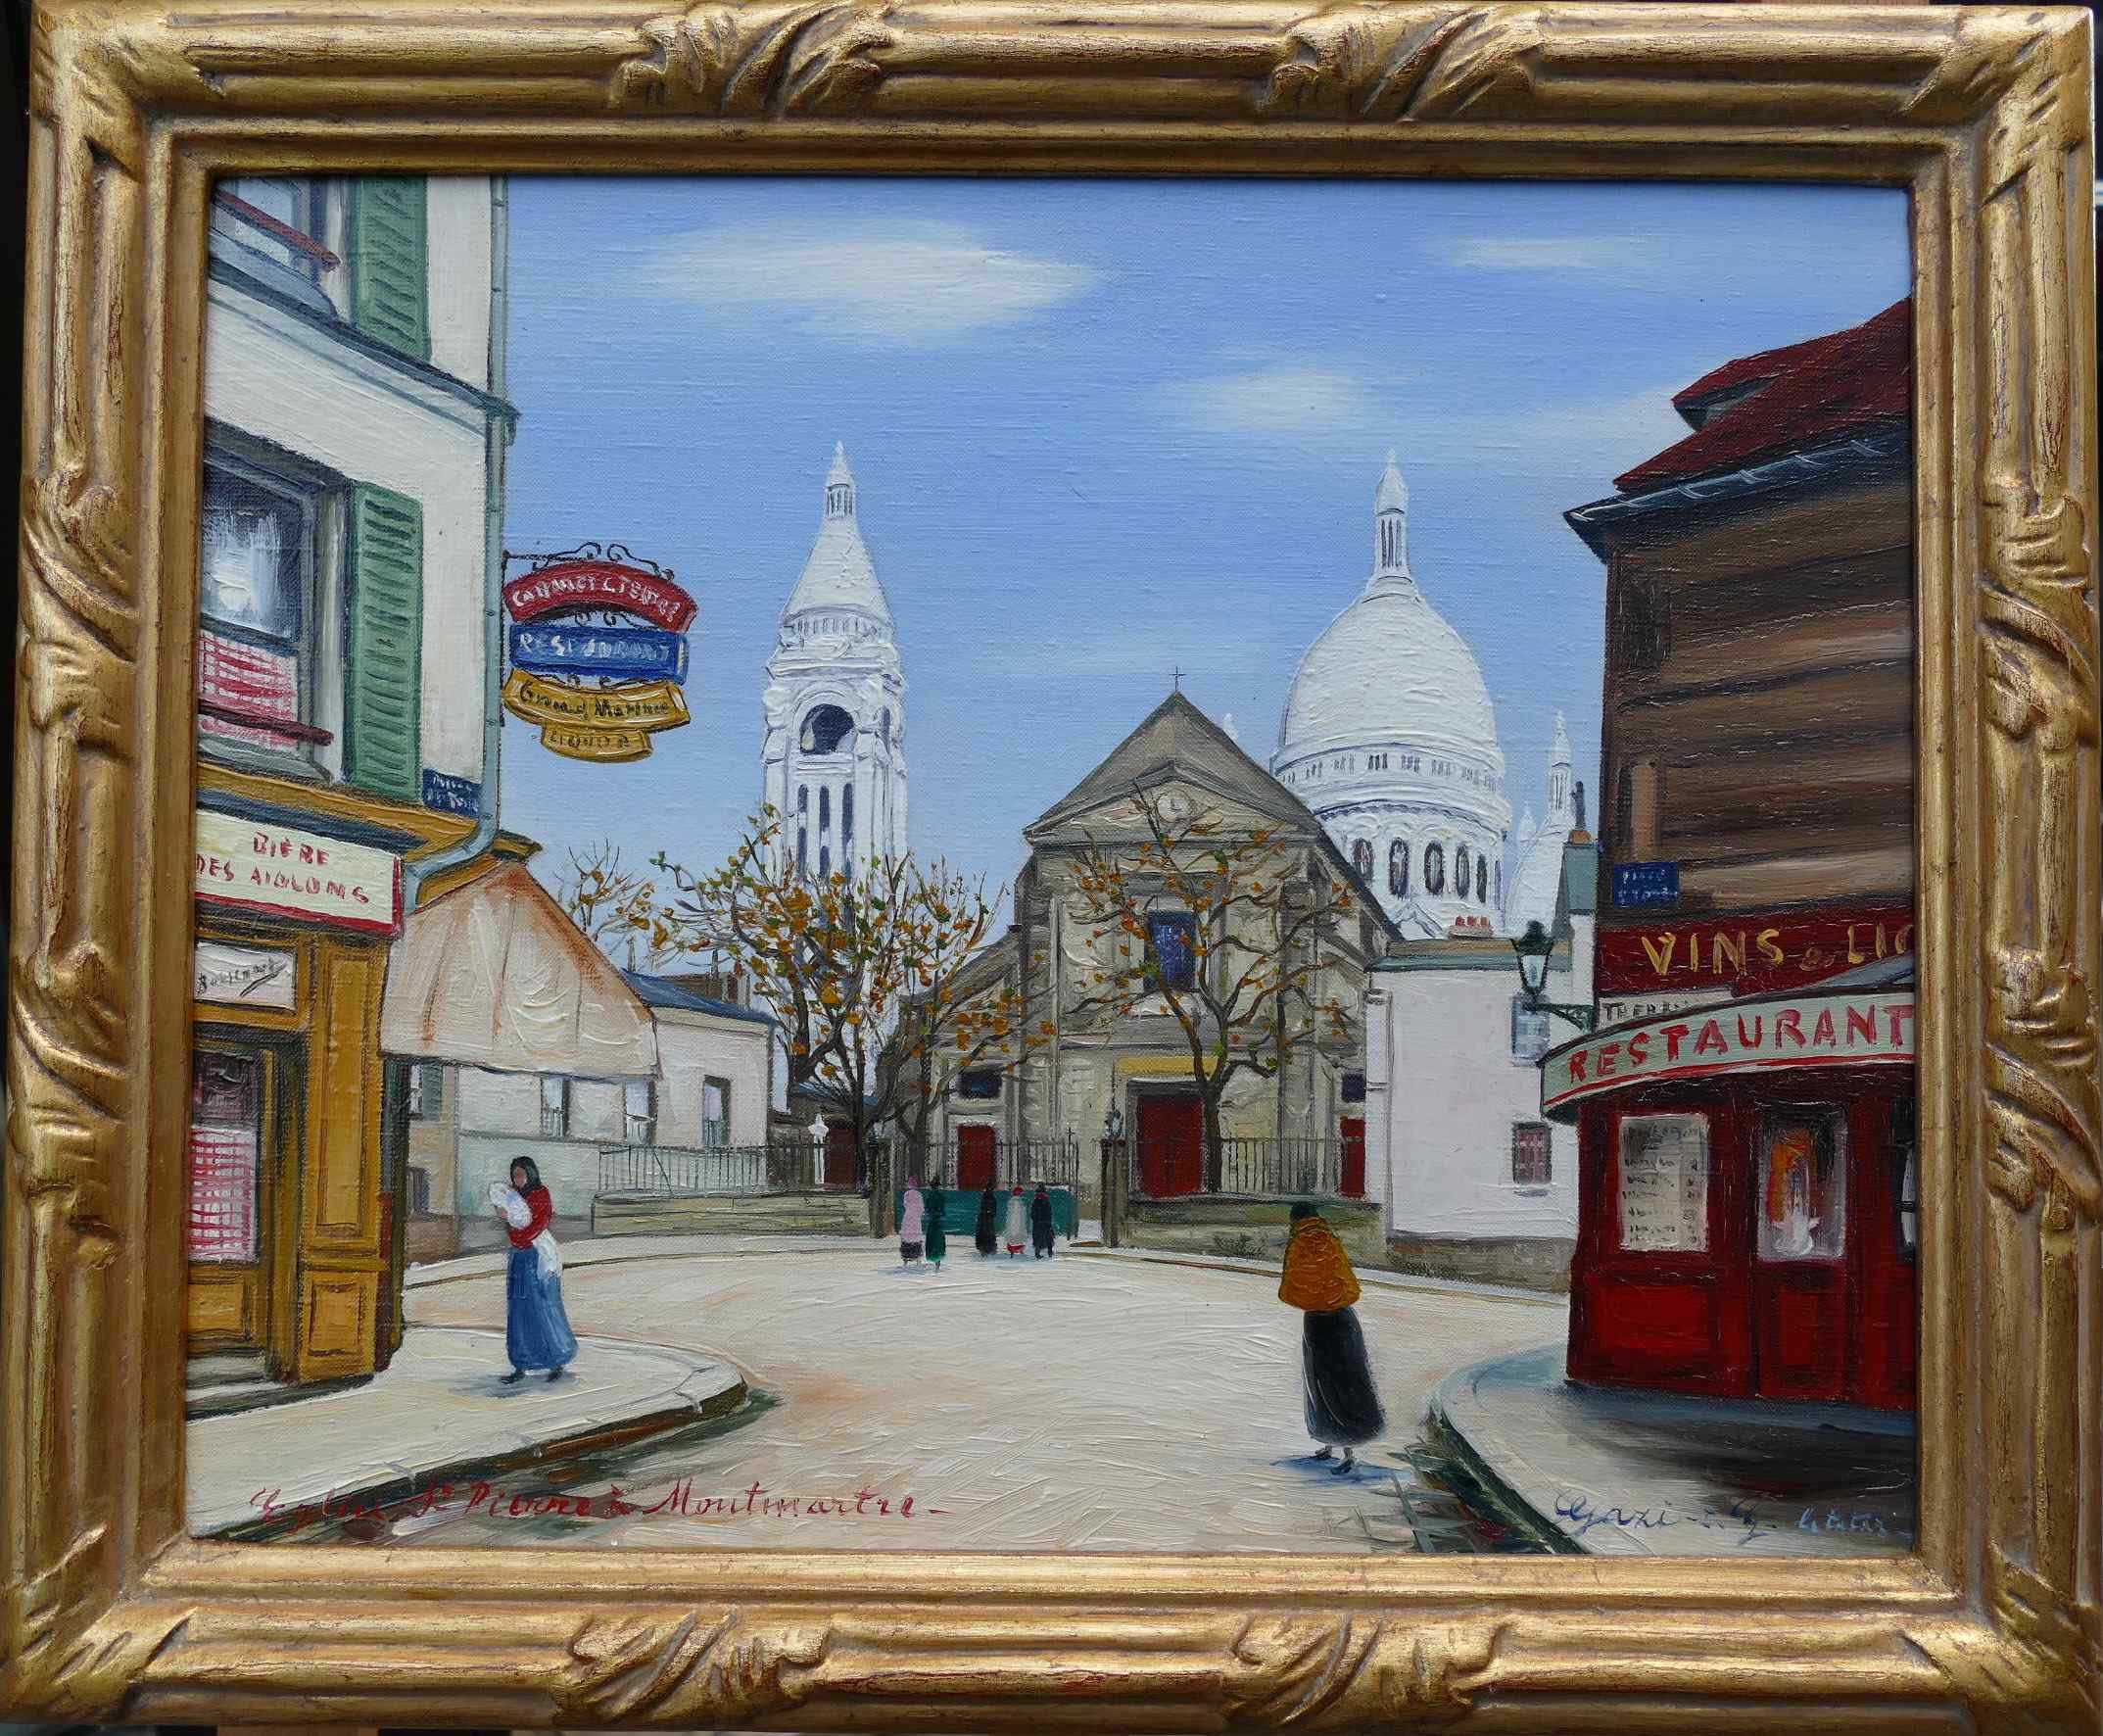 Paris Montmartre by Gazi Le Tatar Signed Painting